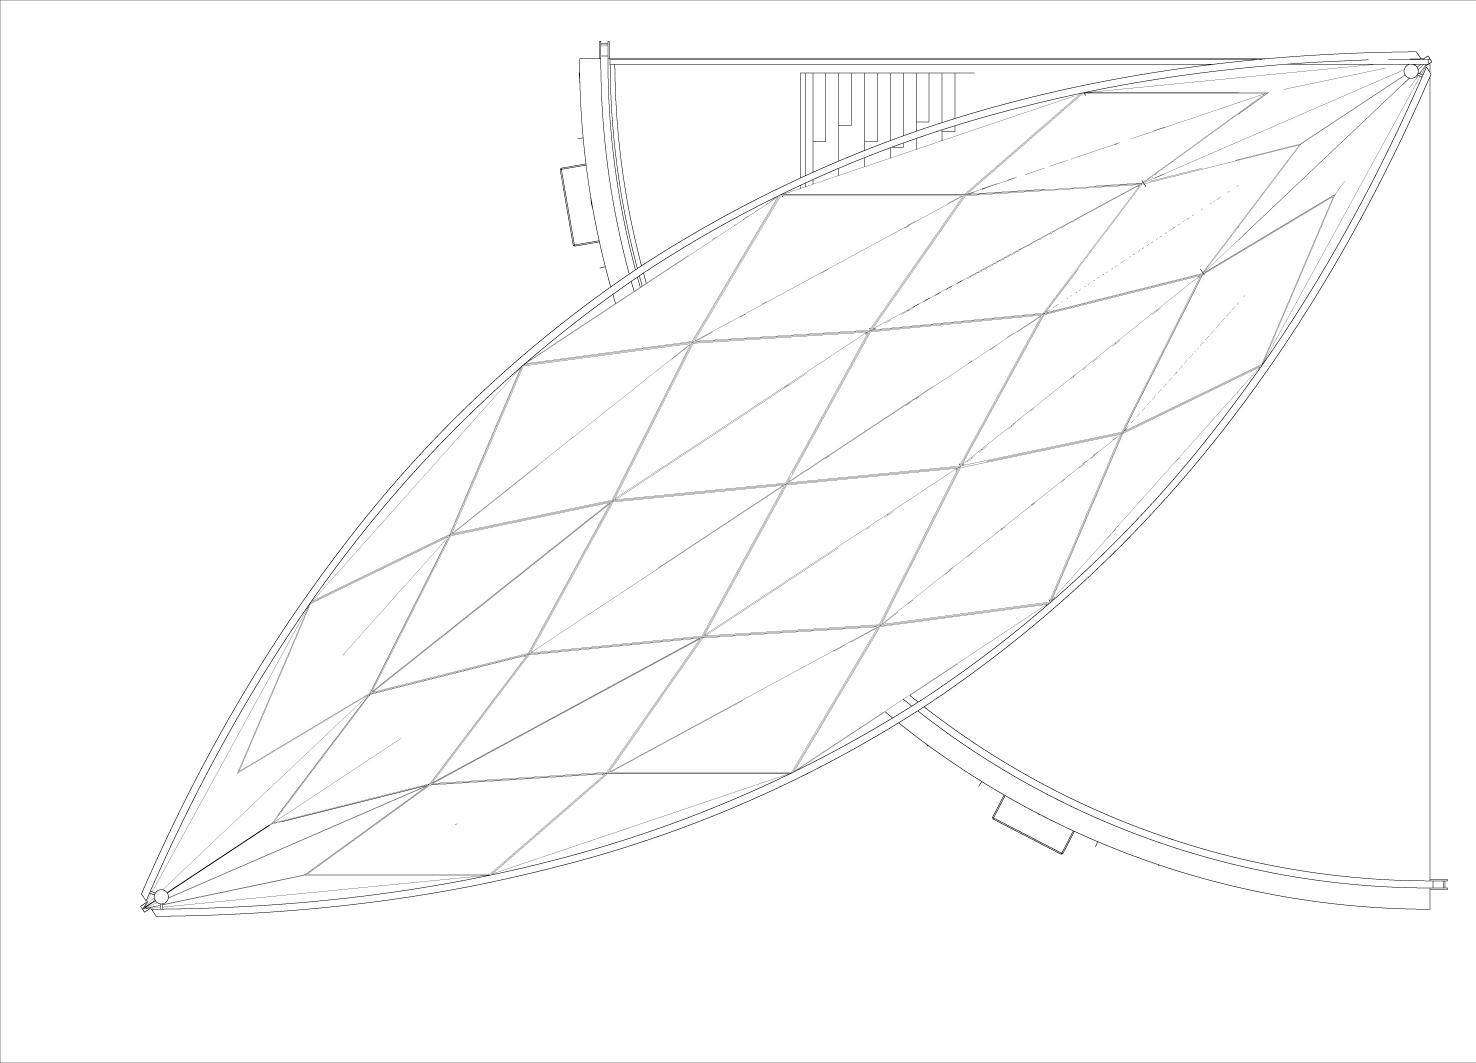 170628 drawings-03.jpg